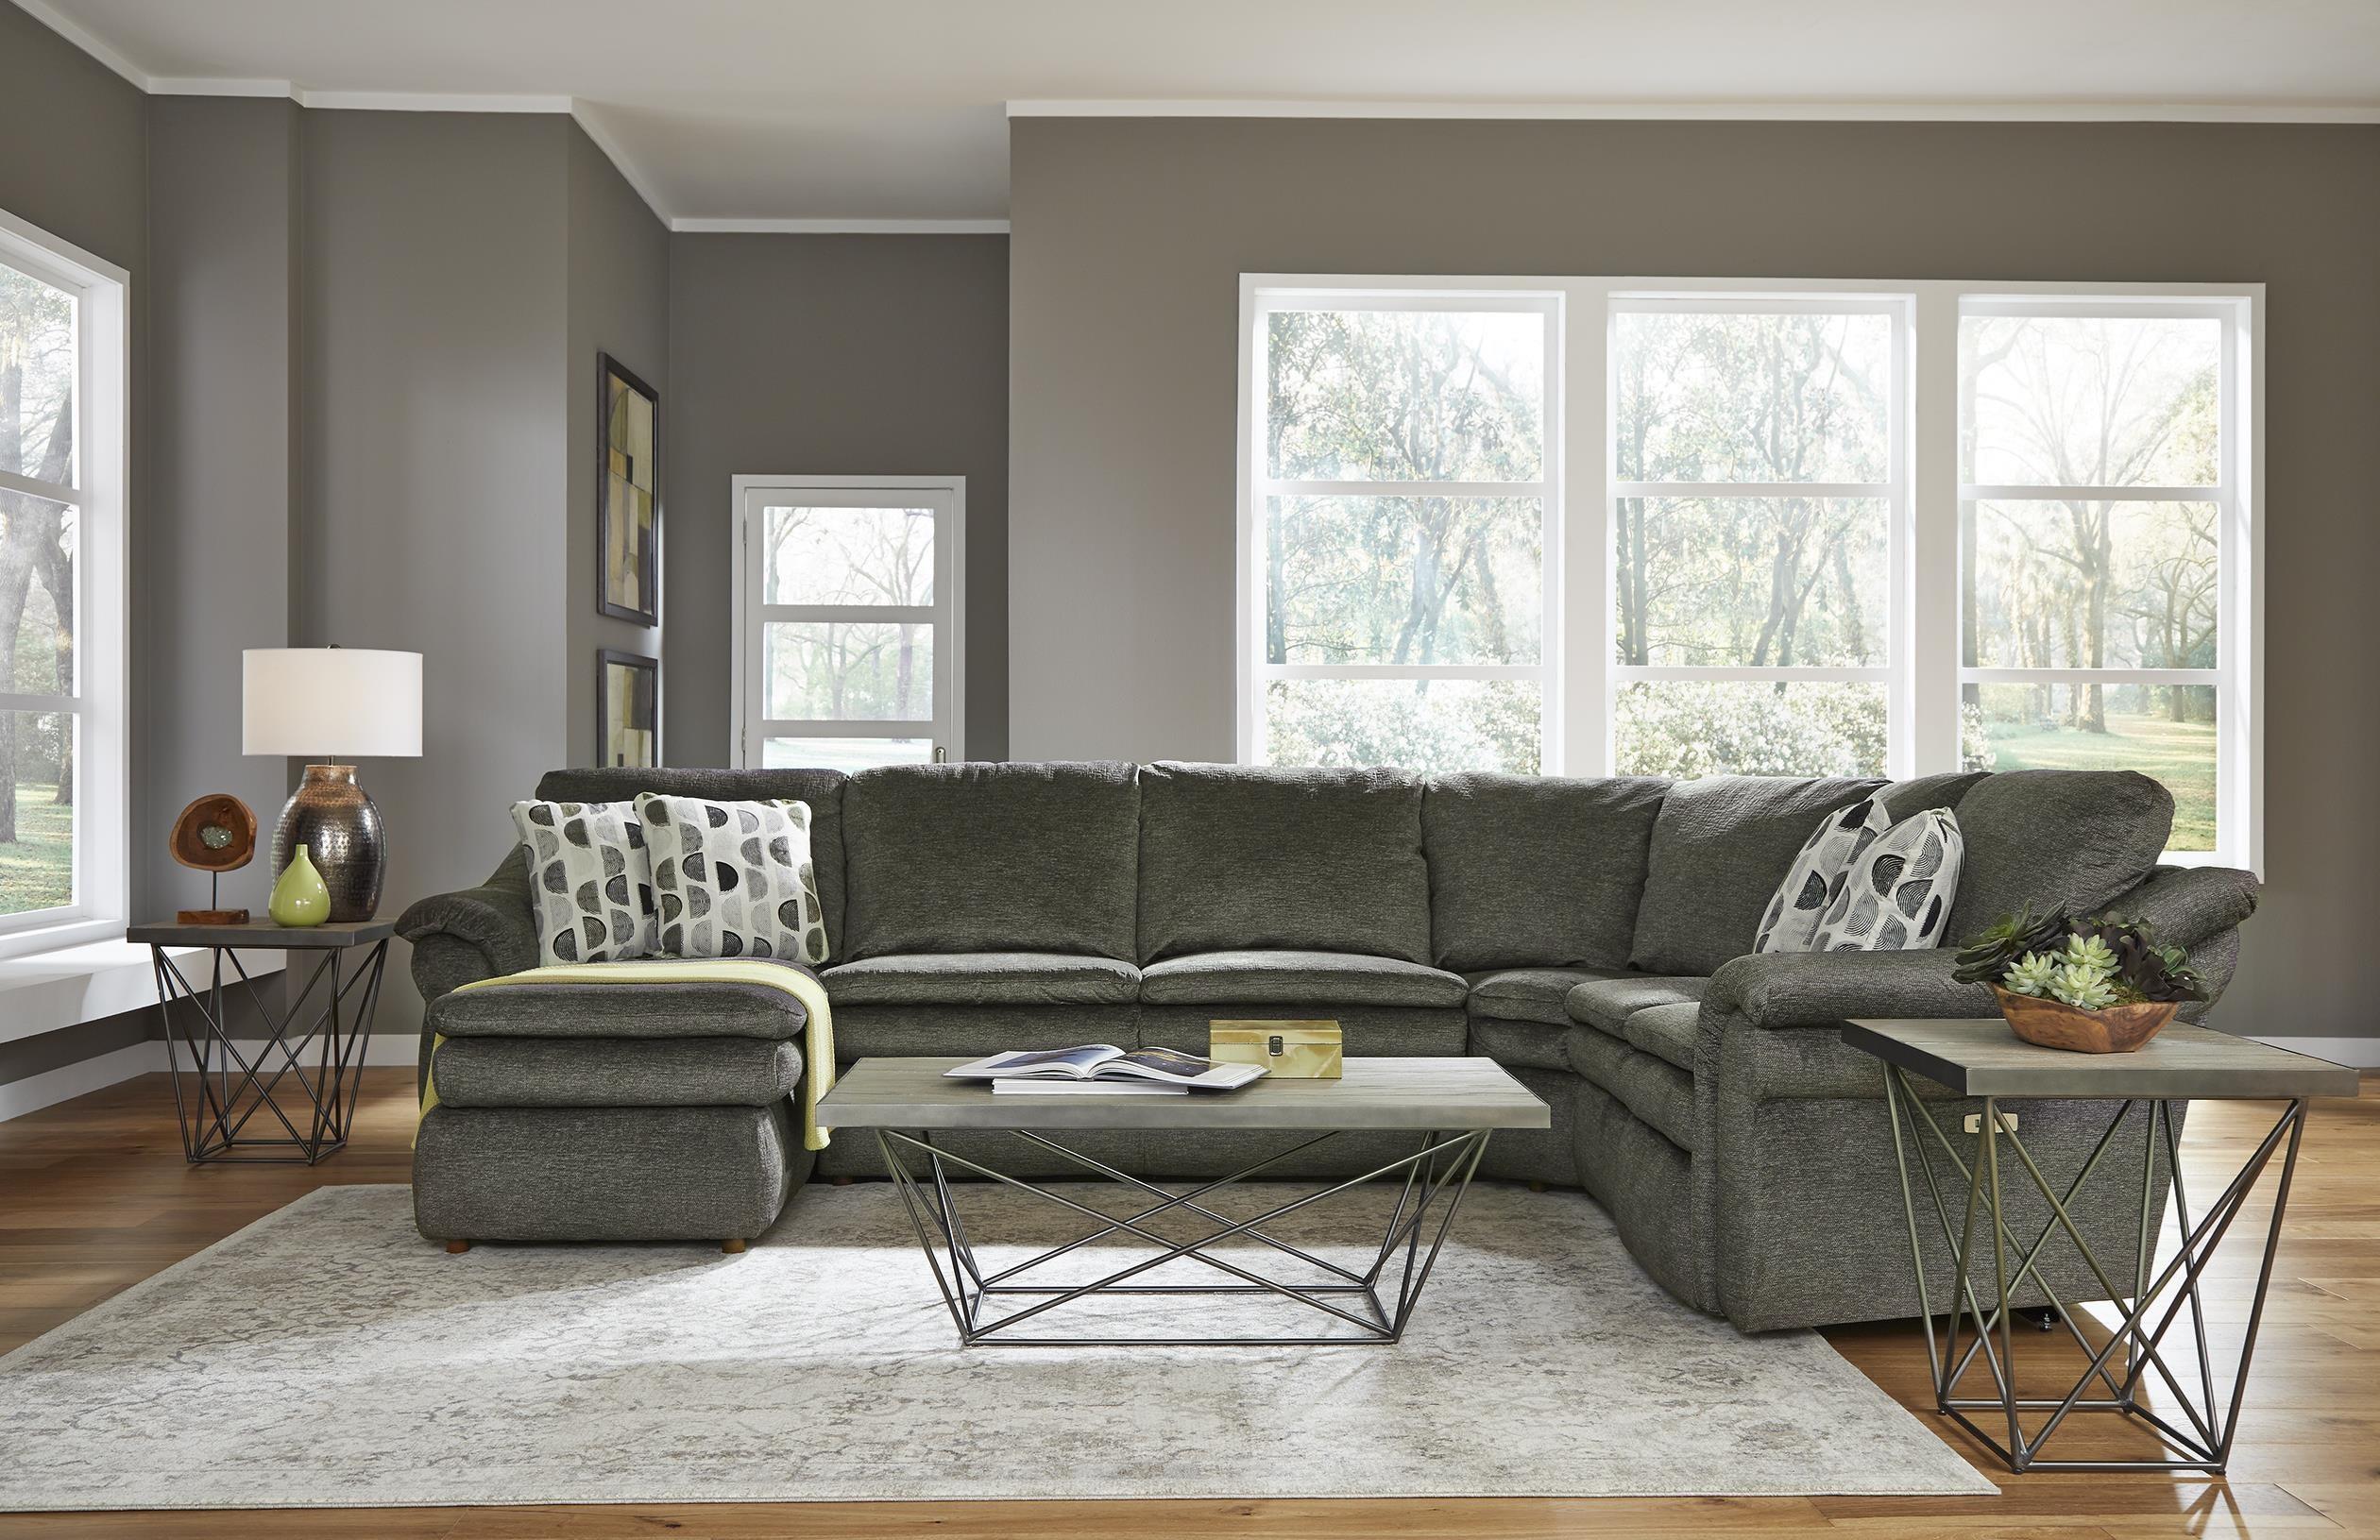 4 Piece Power Reclining Sectional Sofa w/ Sl